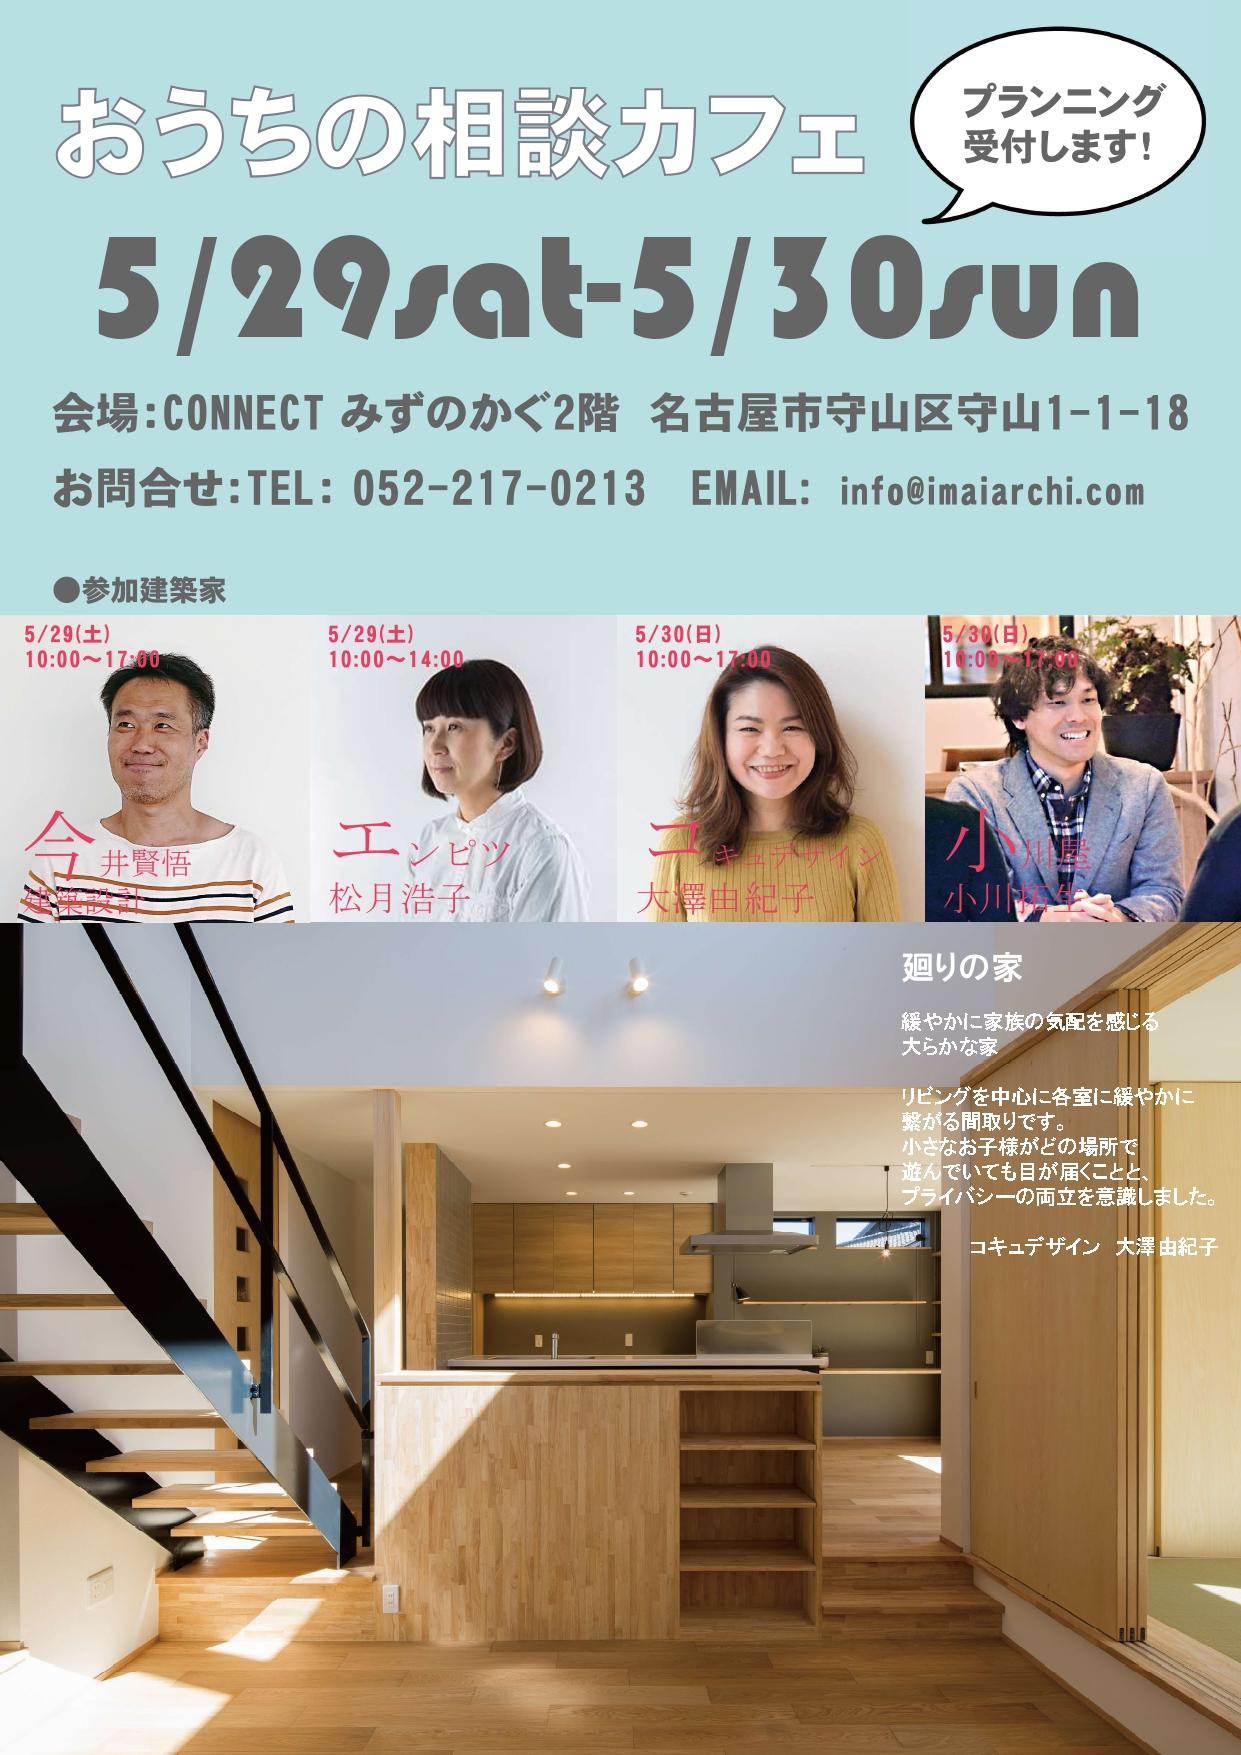 5/29(土)・30(日)「おうちの相談カフェ」開催いたします